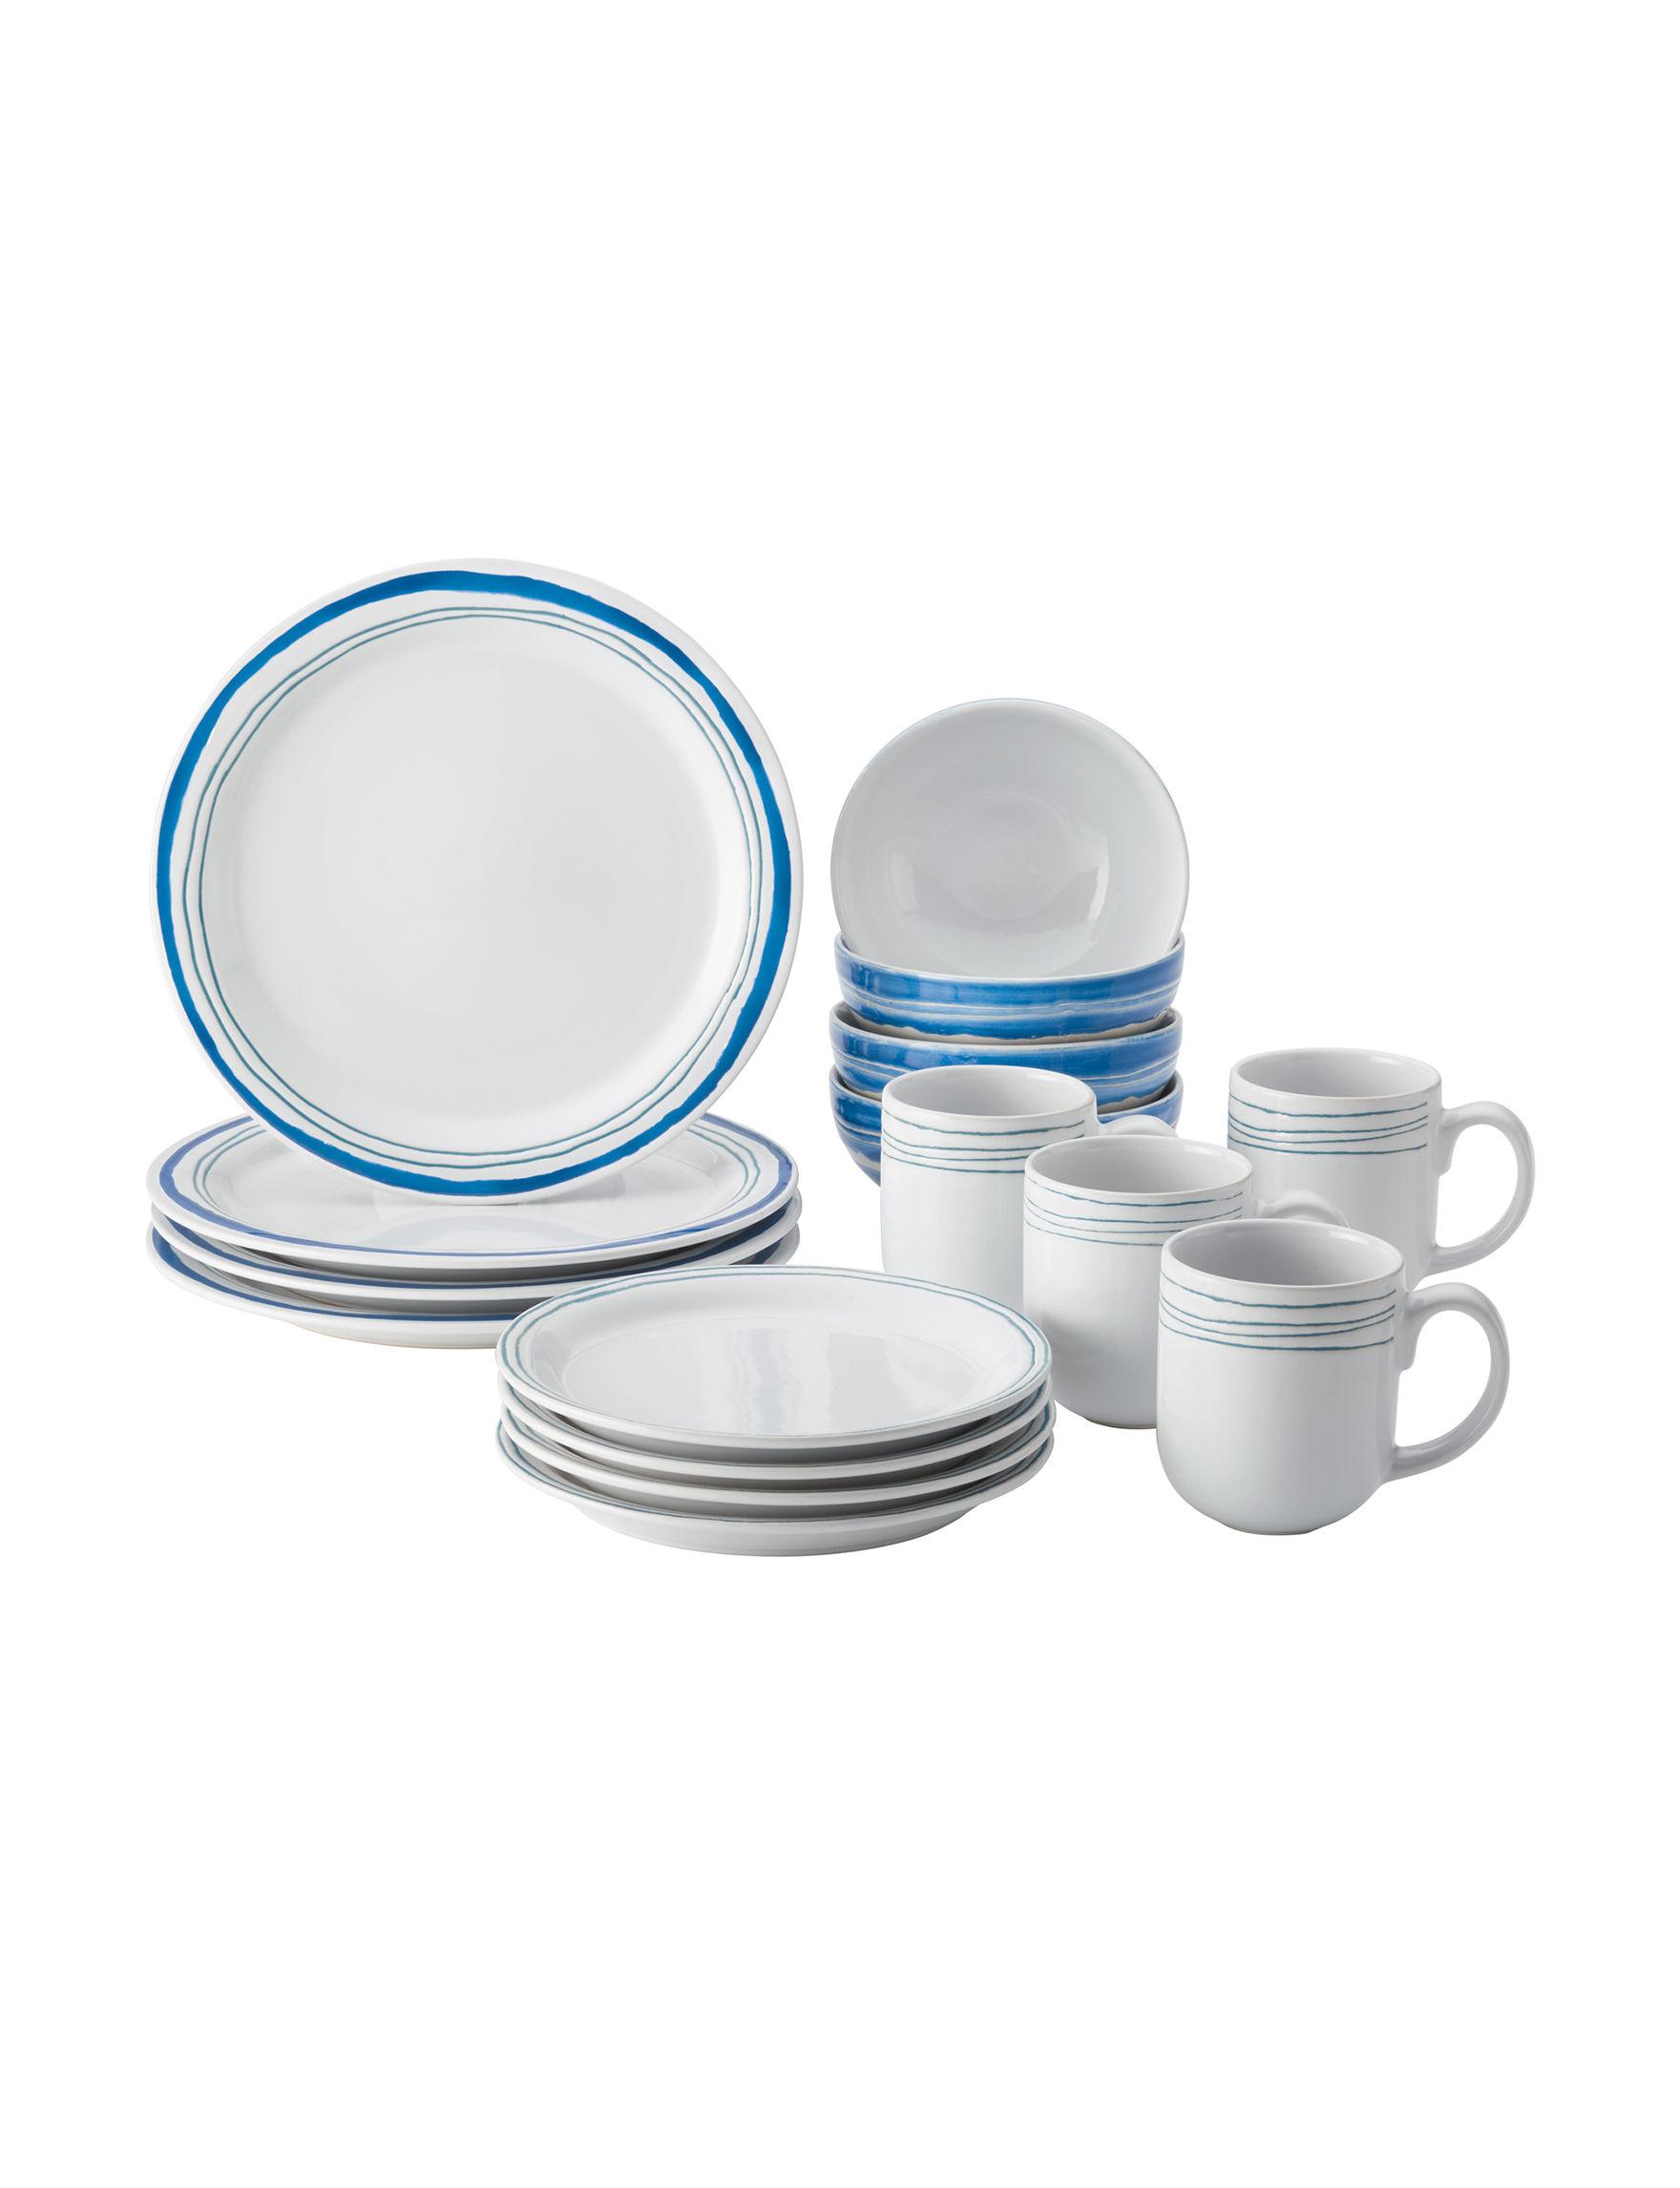 Rachael Ray Aqua / White Dinnerware Sets Dinnerware